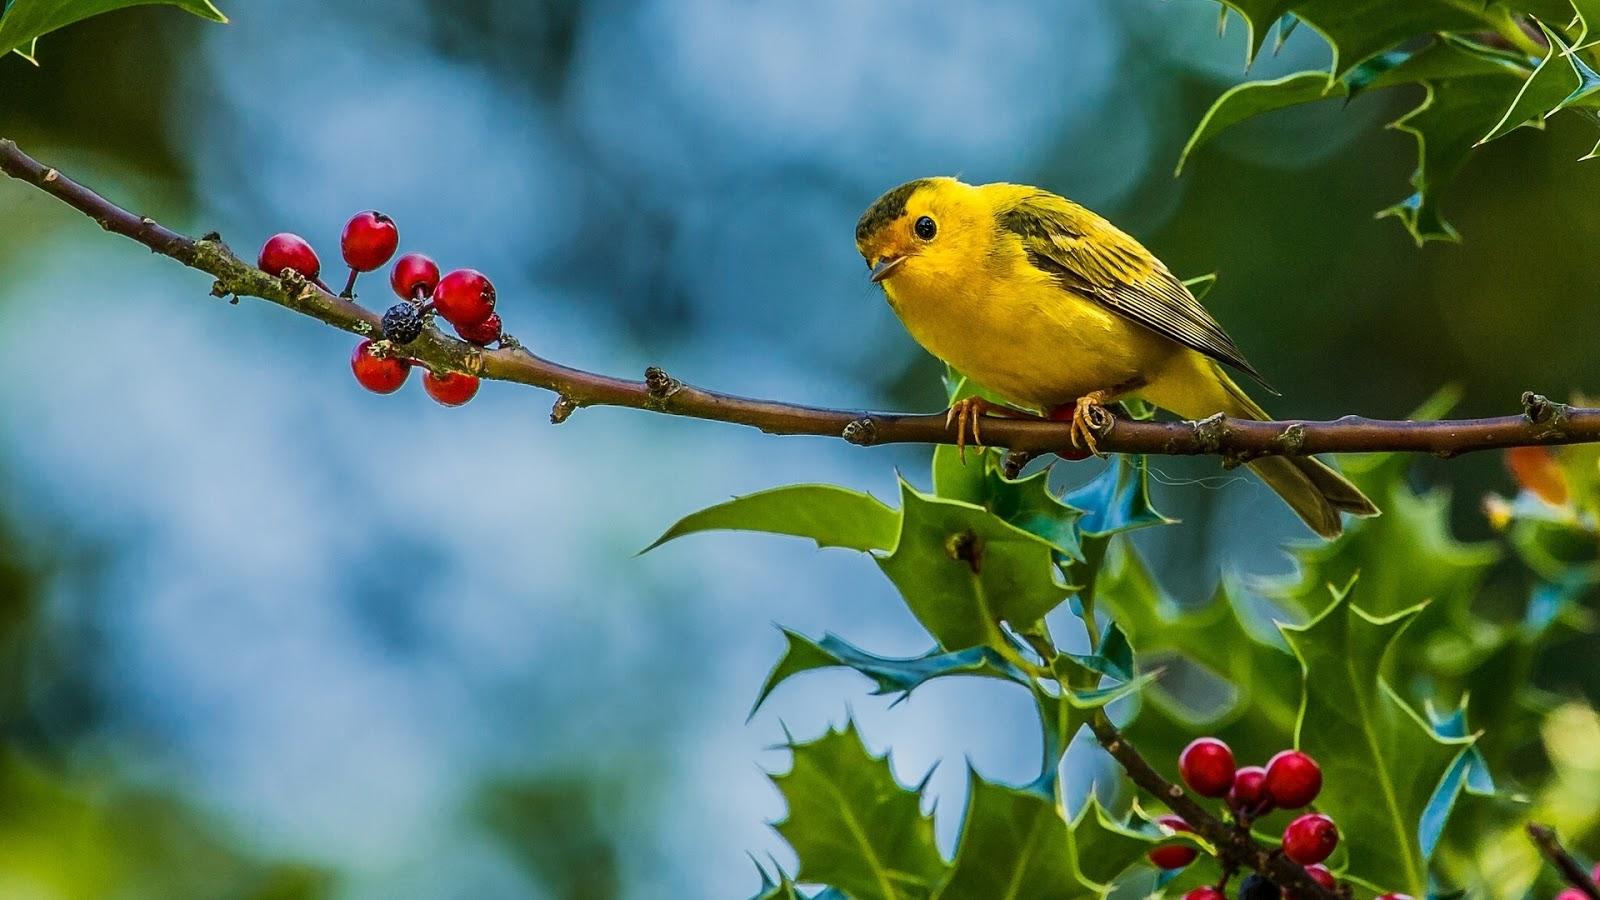 Cute bird images hd yellow best hd wallpapers for Bird wallpaper